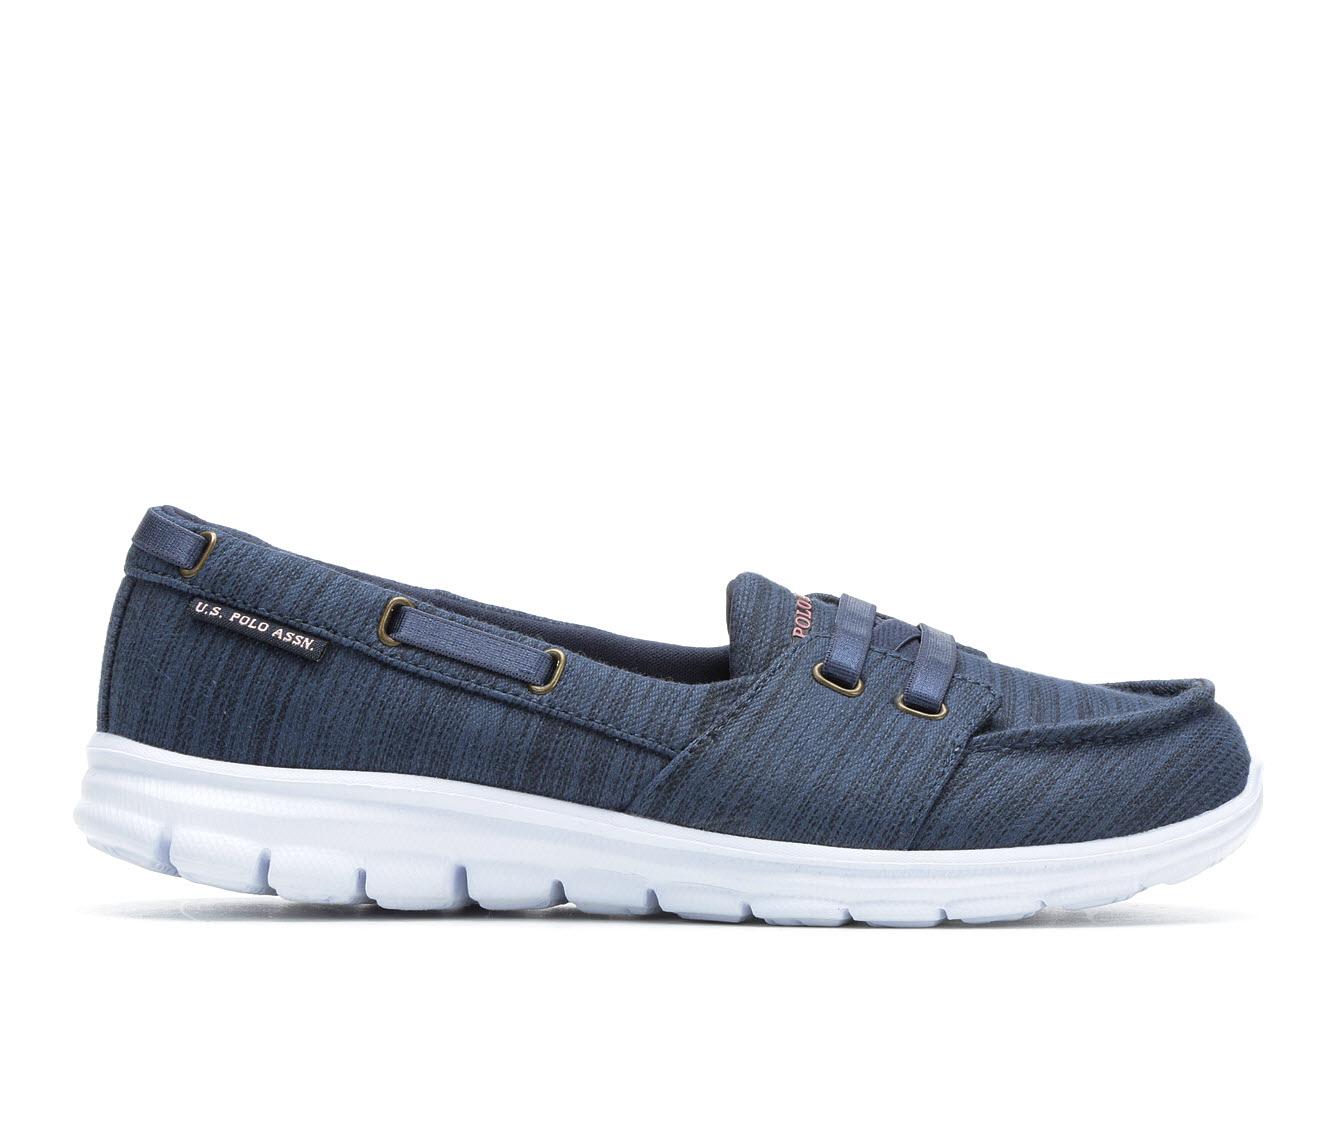 US Polo Assn Kit Women's Shoe (Blue Canvas)